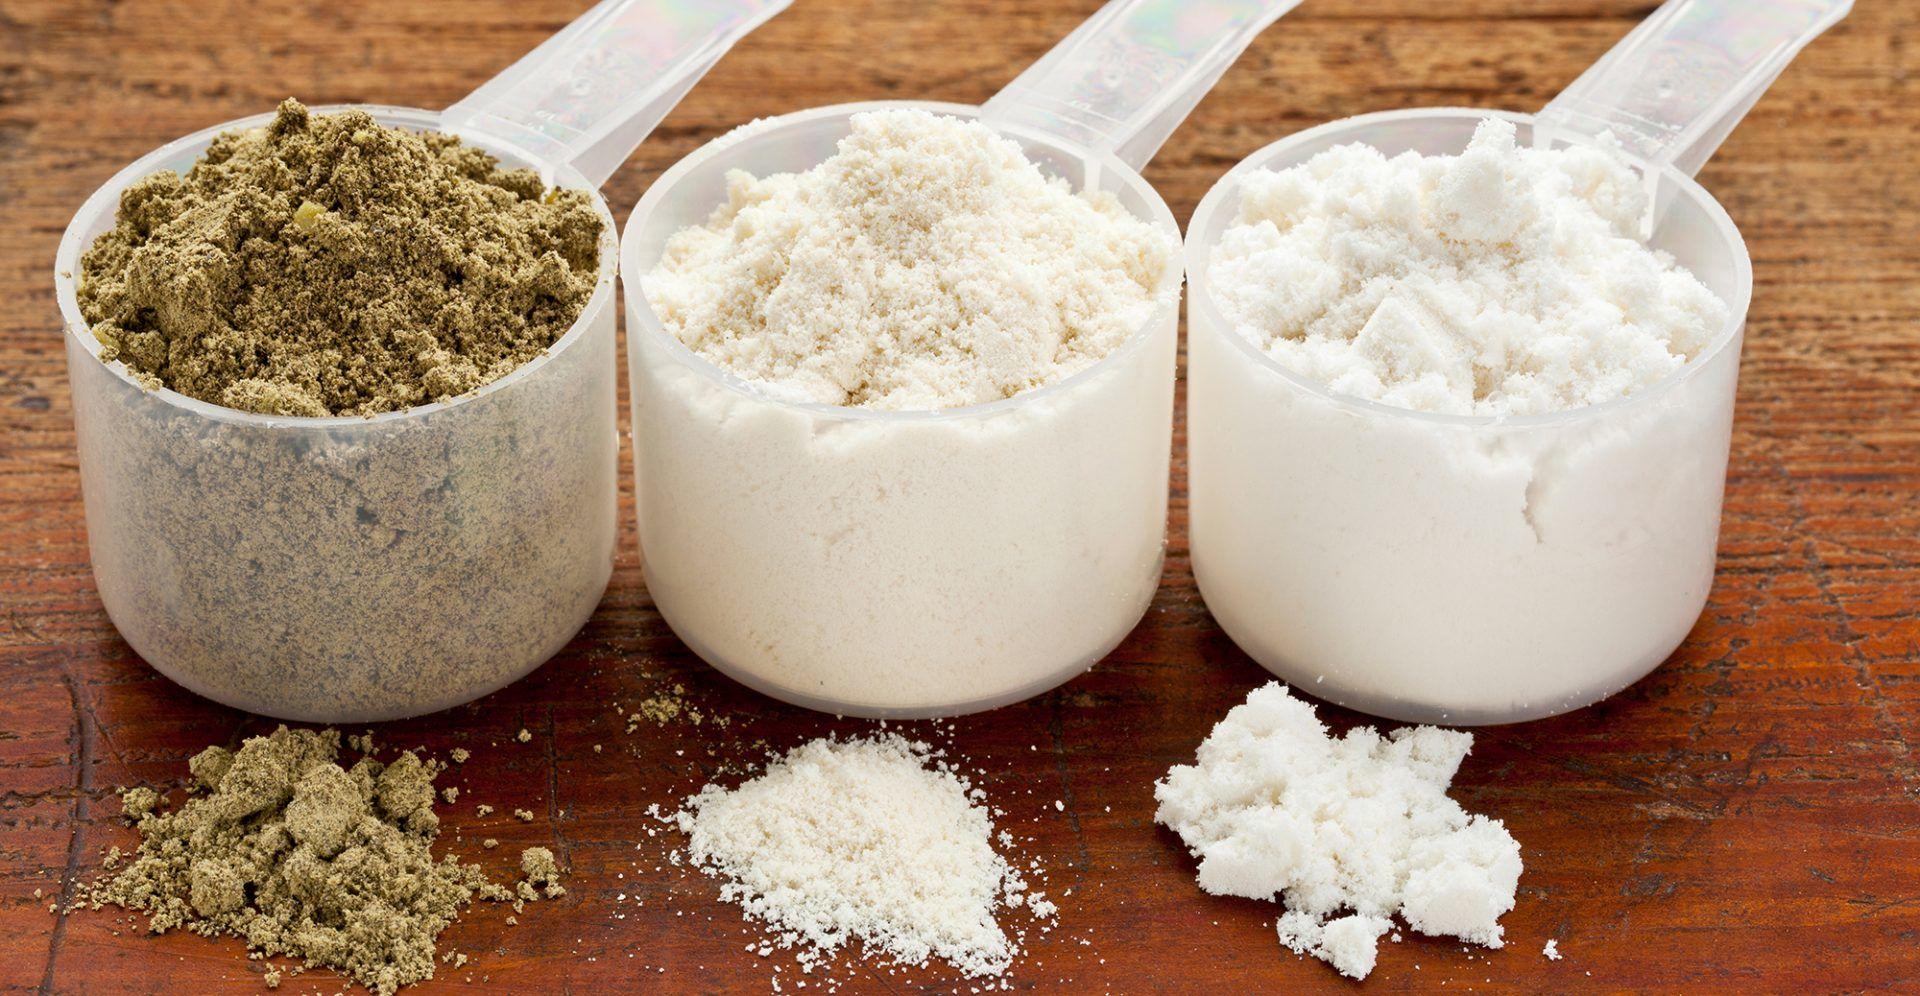 شیک پروتئین وی با آب بهتر است یا شیر ؟